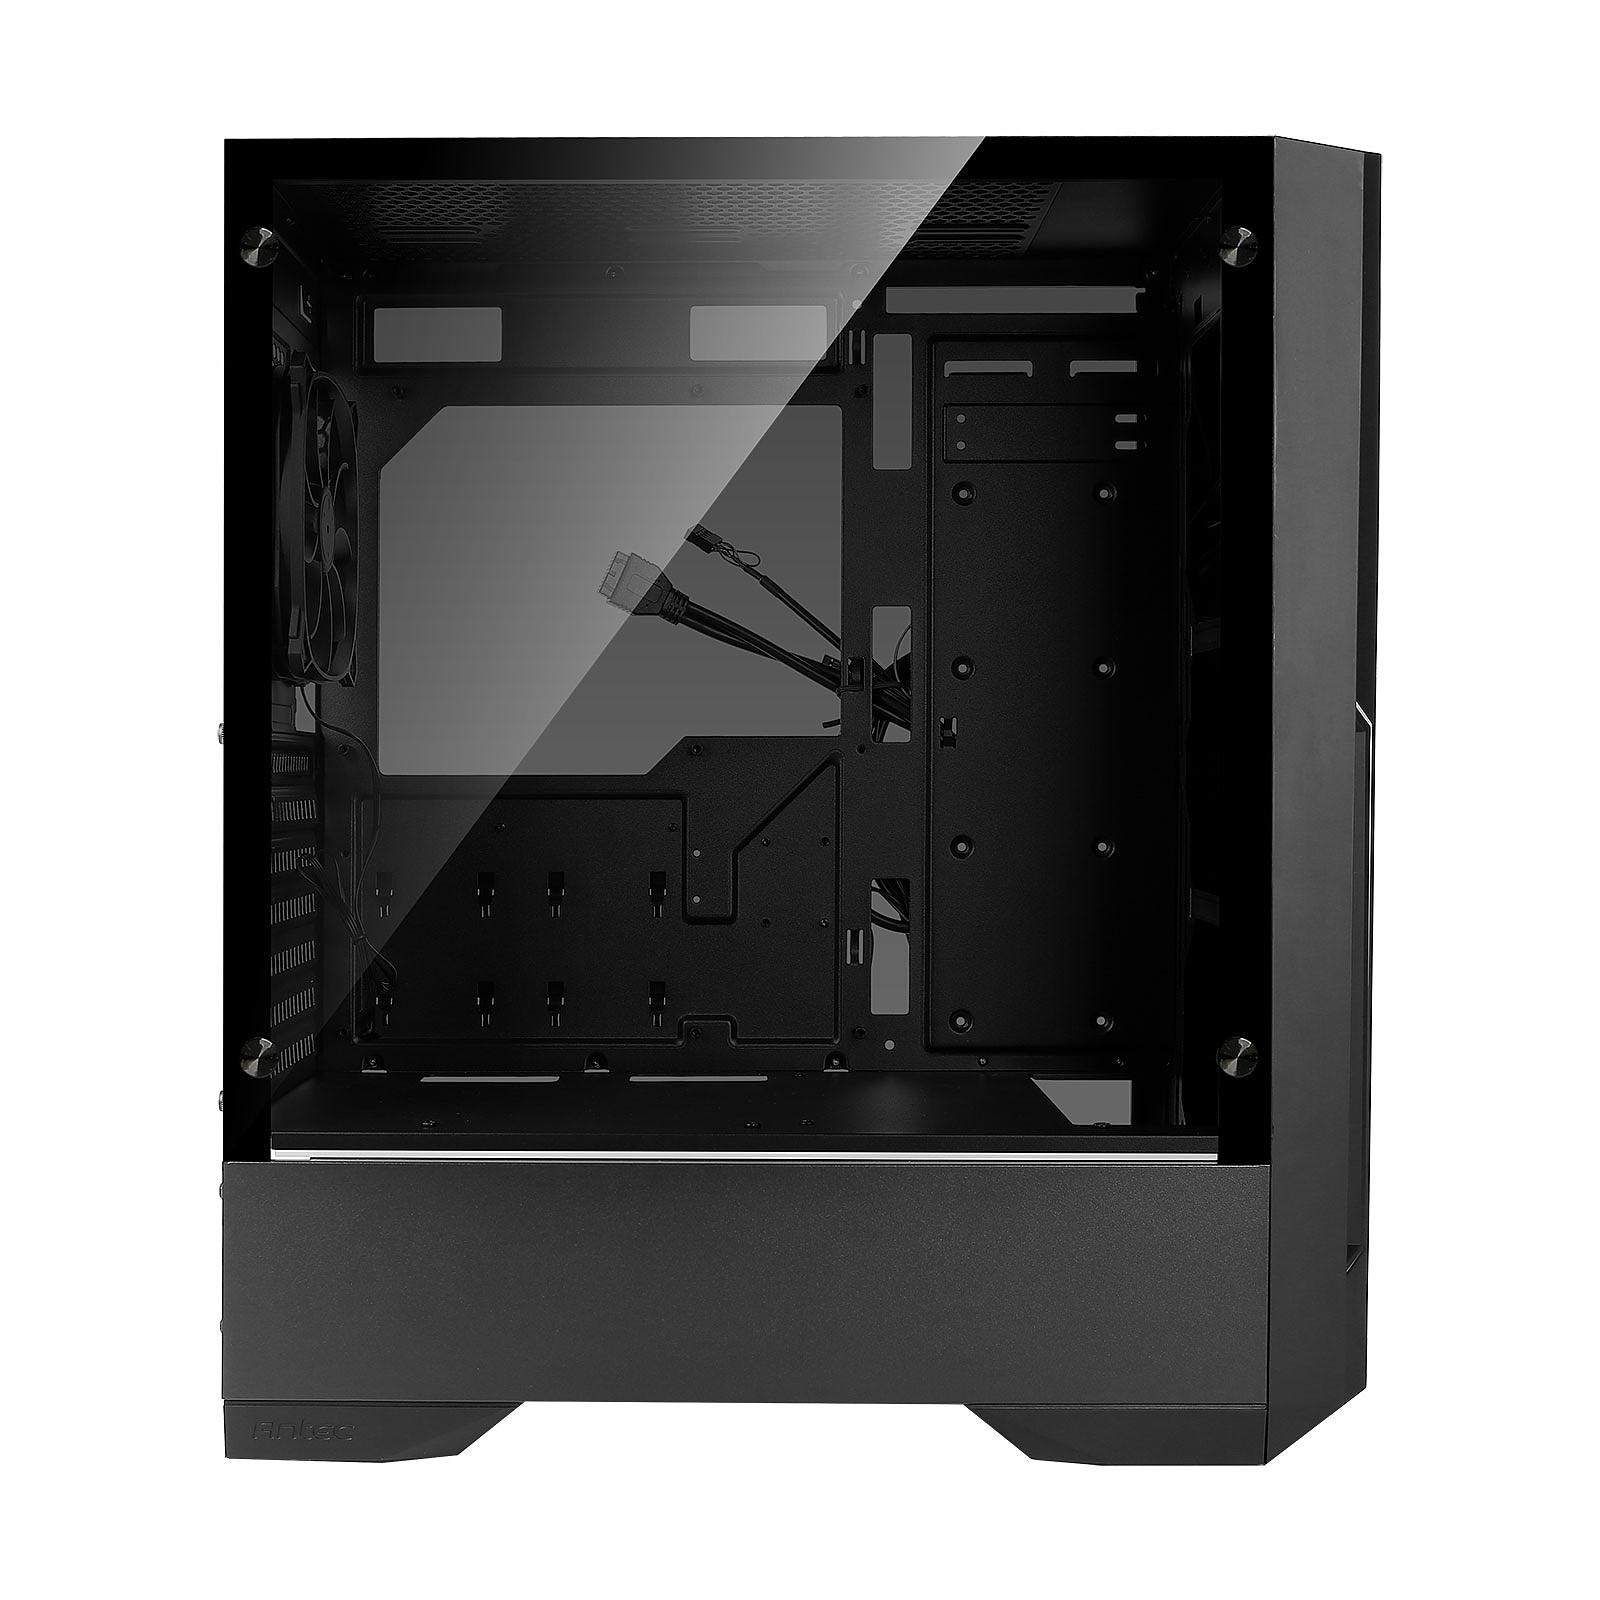 Boitier PC ATX, Micro-ATX, Mini-ITX, Antec DP501 moyen tour noir avec fenêtre sans alim, informatique ile de la Réunion 974